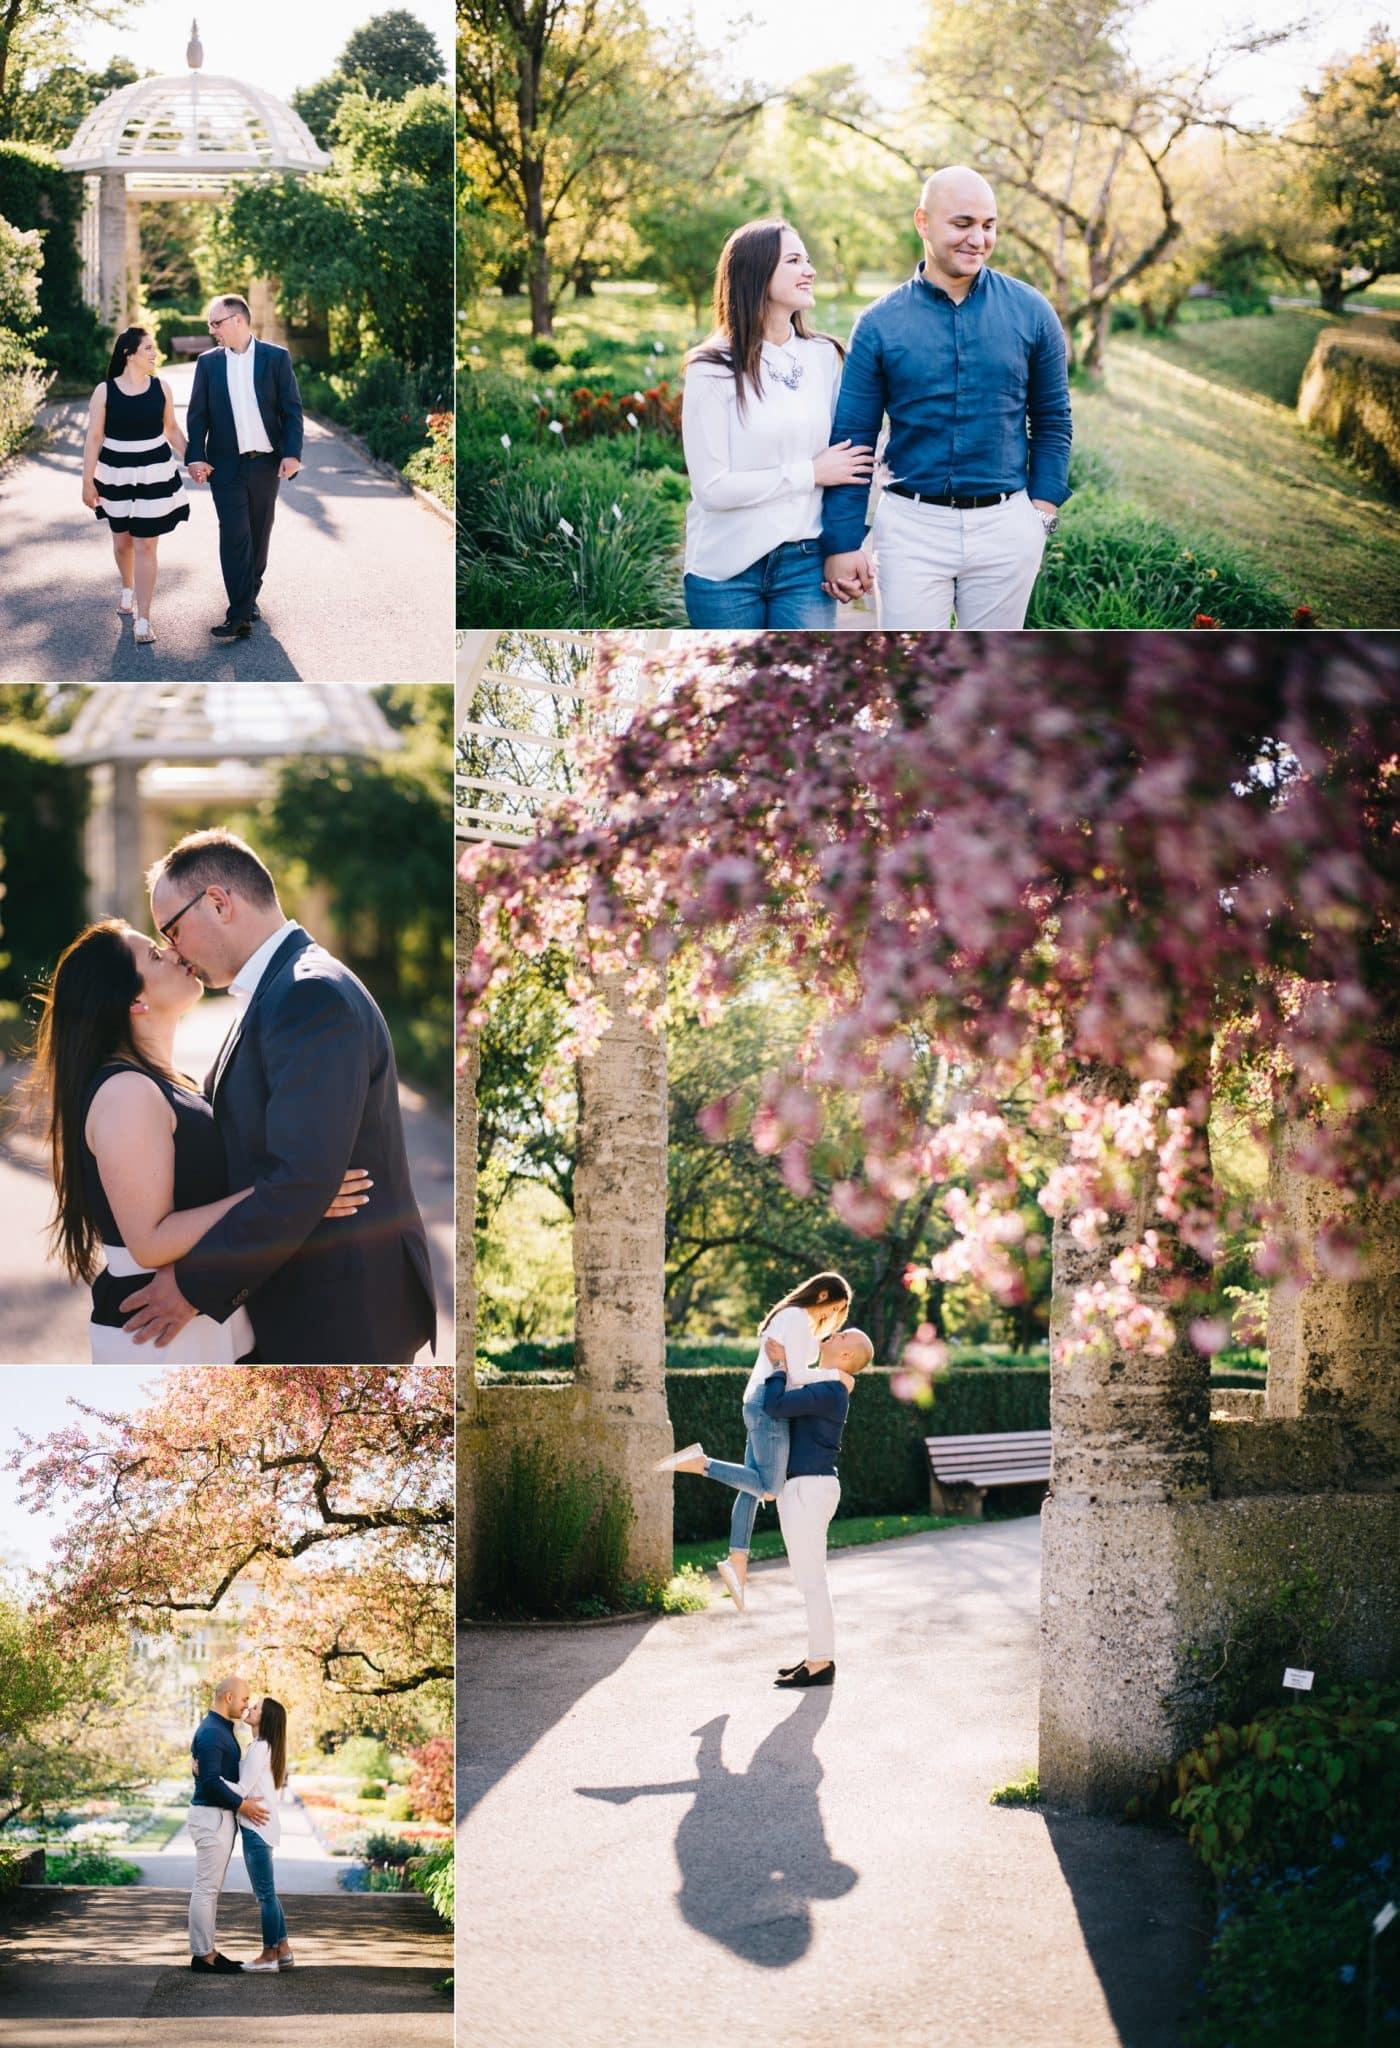 Paare im Botanischen Garten mit Kamer Aktas Hochzeitsfotograf